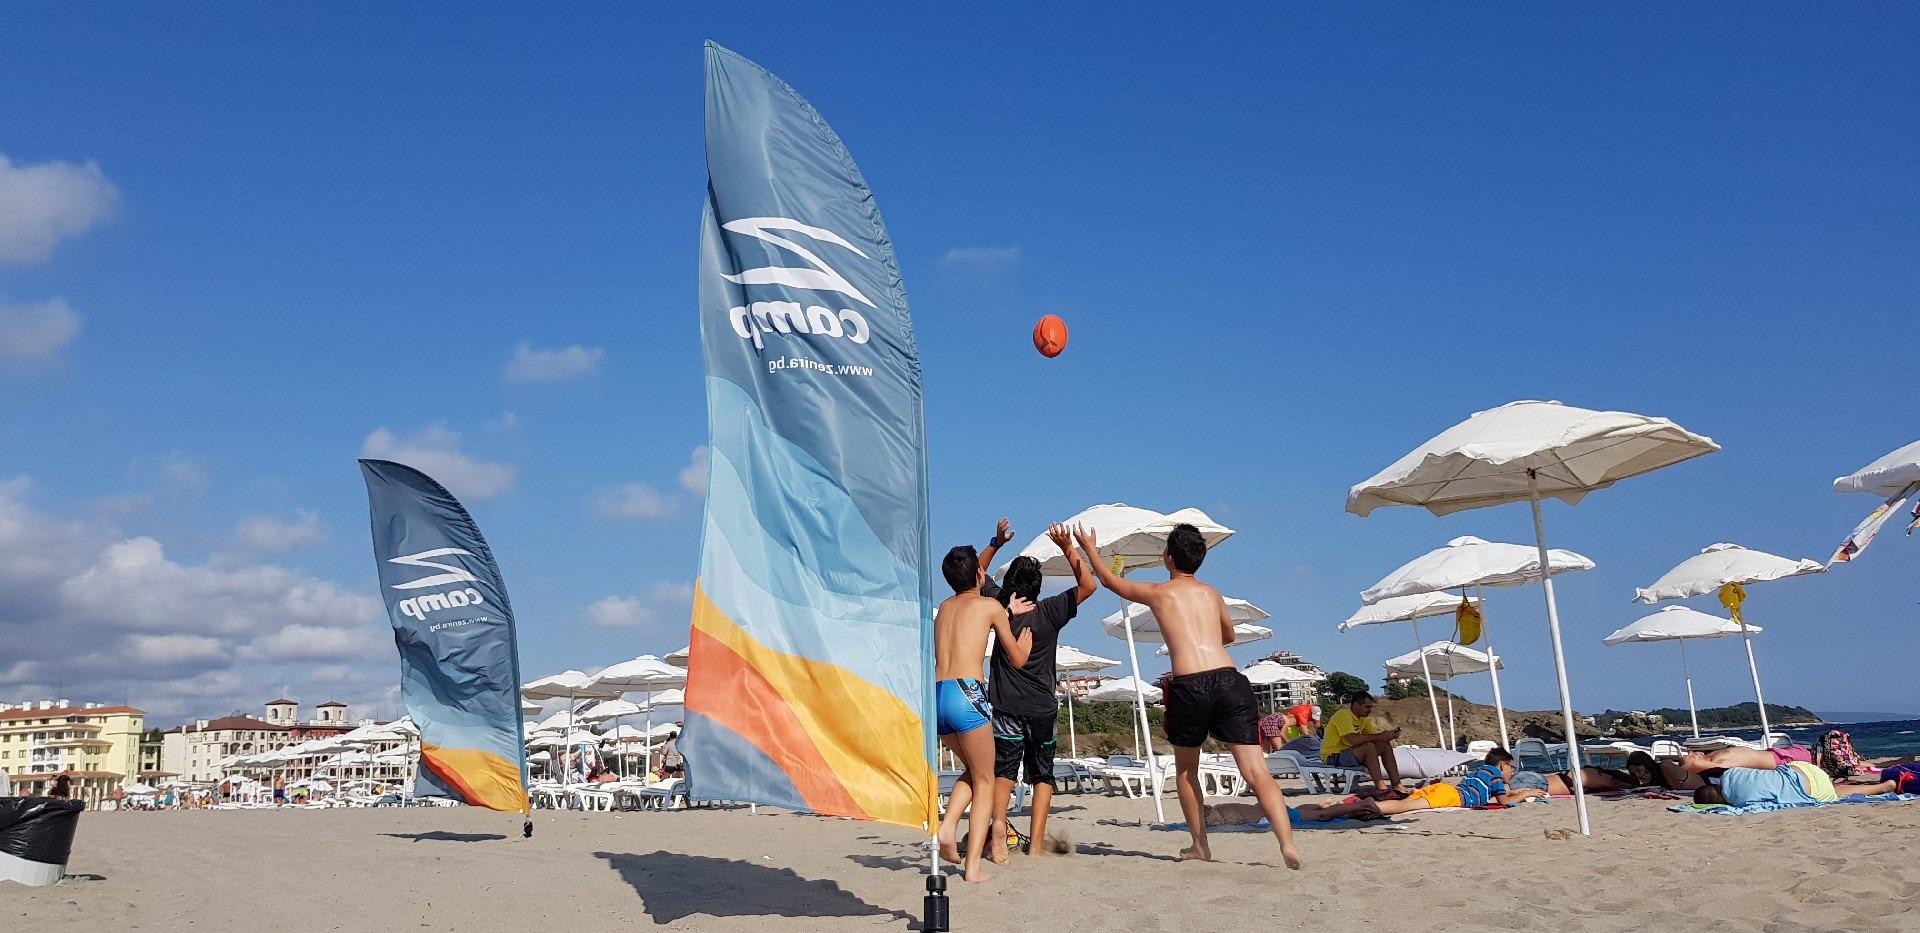 летни езикови лагери за деца Z кемп, Ден 37 - на плажа - три момчета играят с топка, до тях знамето на лагера Z camp